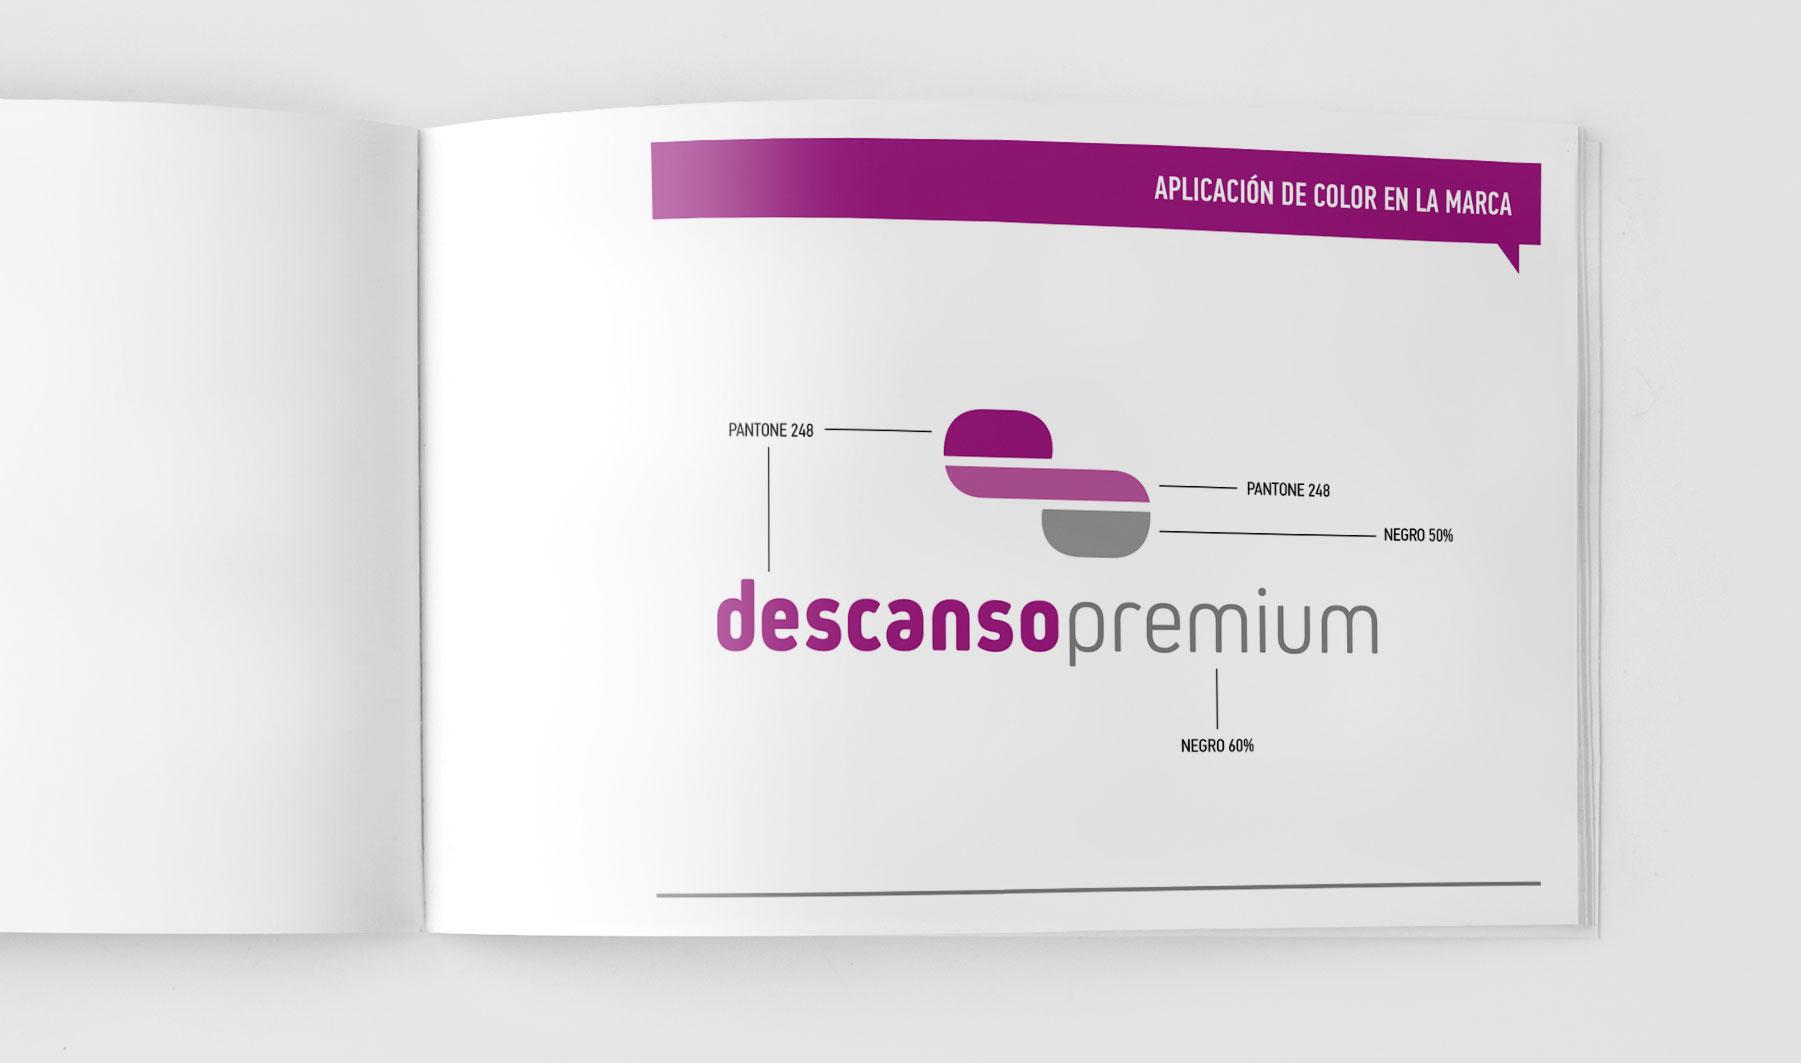 descanso-premium-imagen-corporativa-09